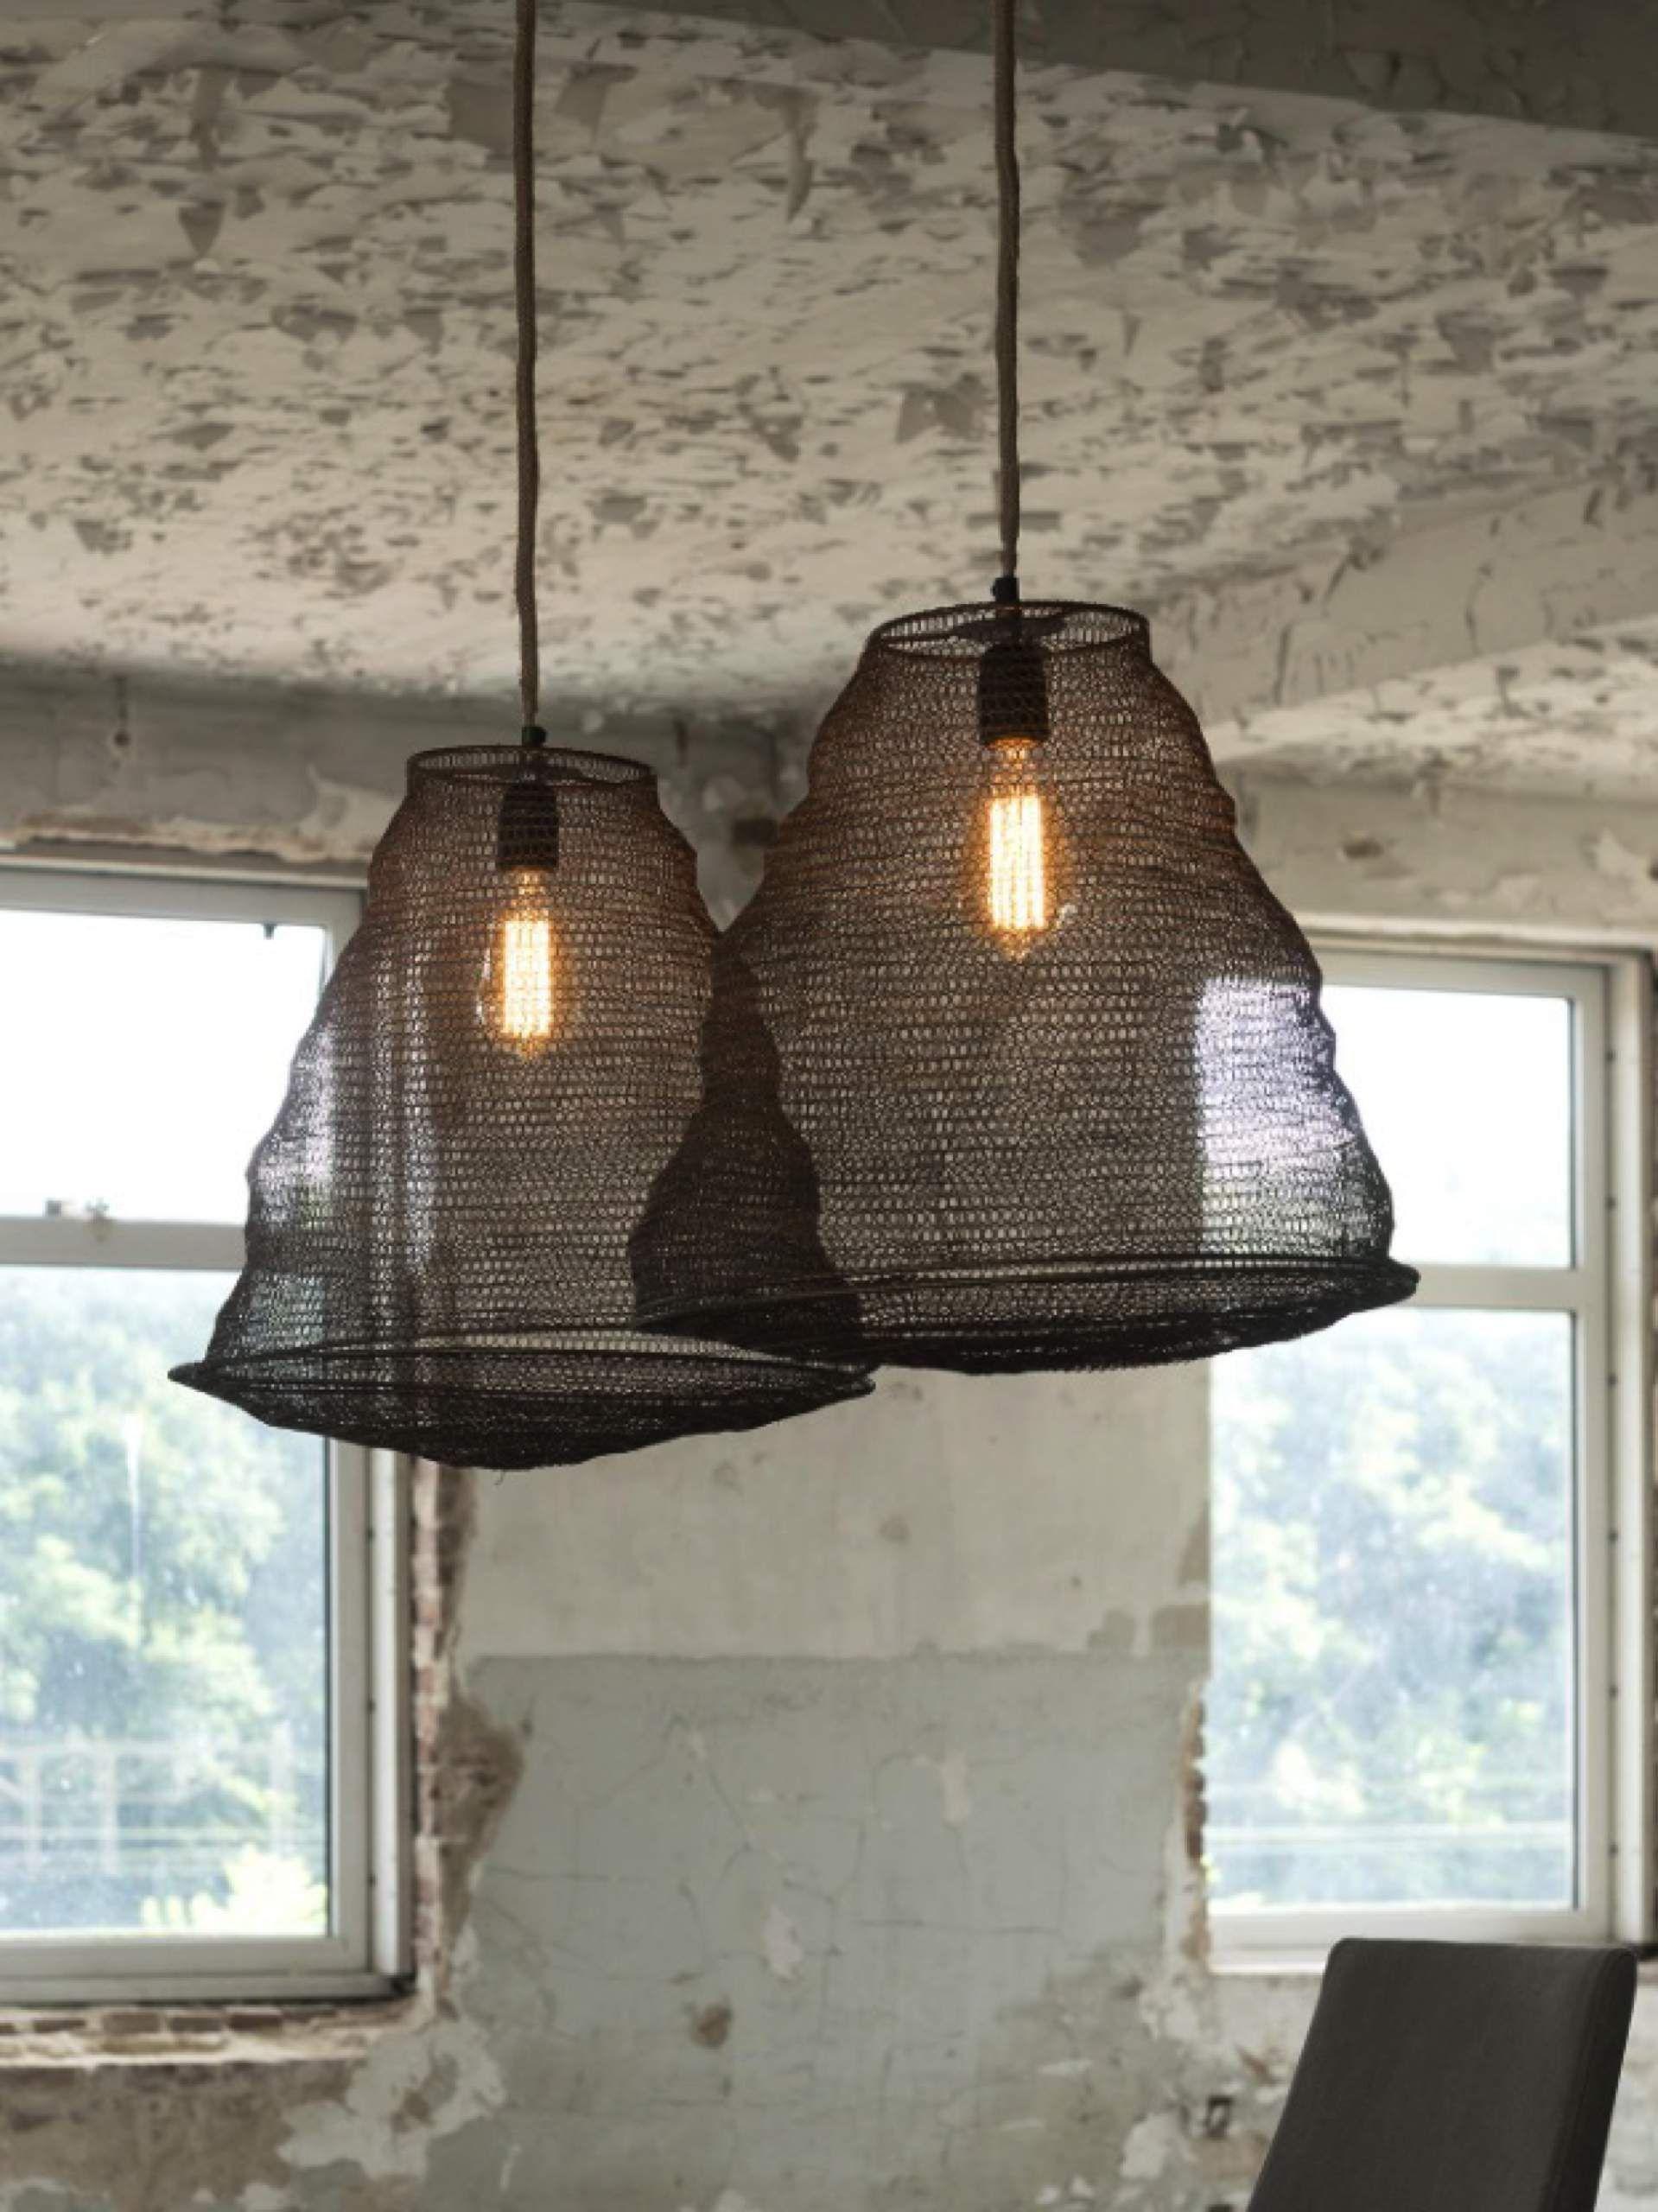 Design Korb Pendelleuchte Aus Metall 2 Lampen Mit Je Durchmesser 44 Cm Lassige Und Moderne Pendelleuchte Bronzefarben In S Pendelleuchte Anhanger Lampen Lampe